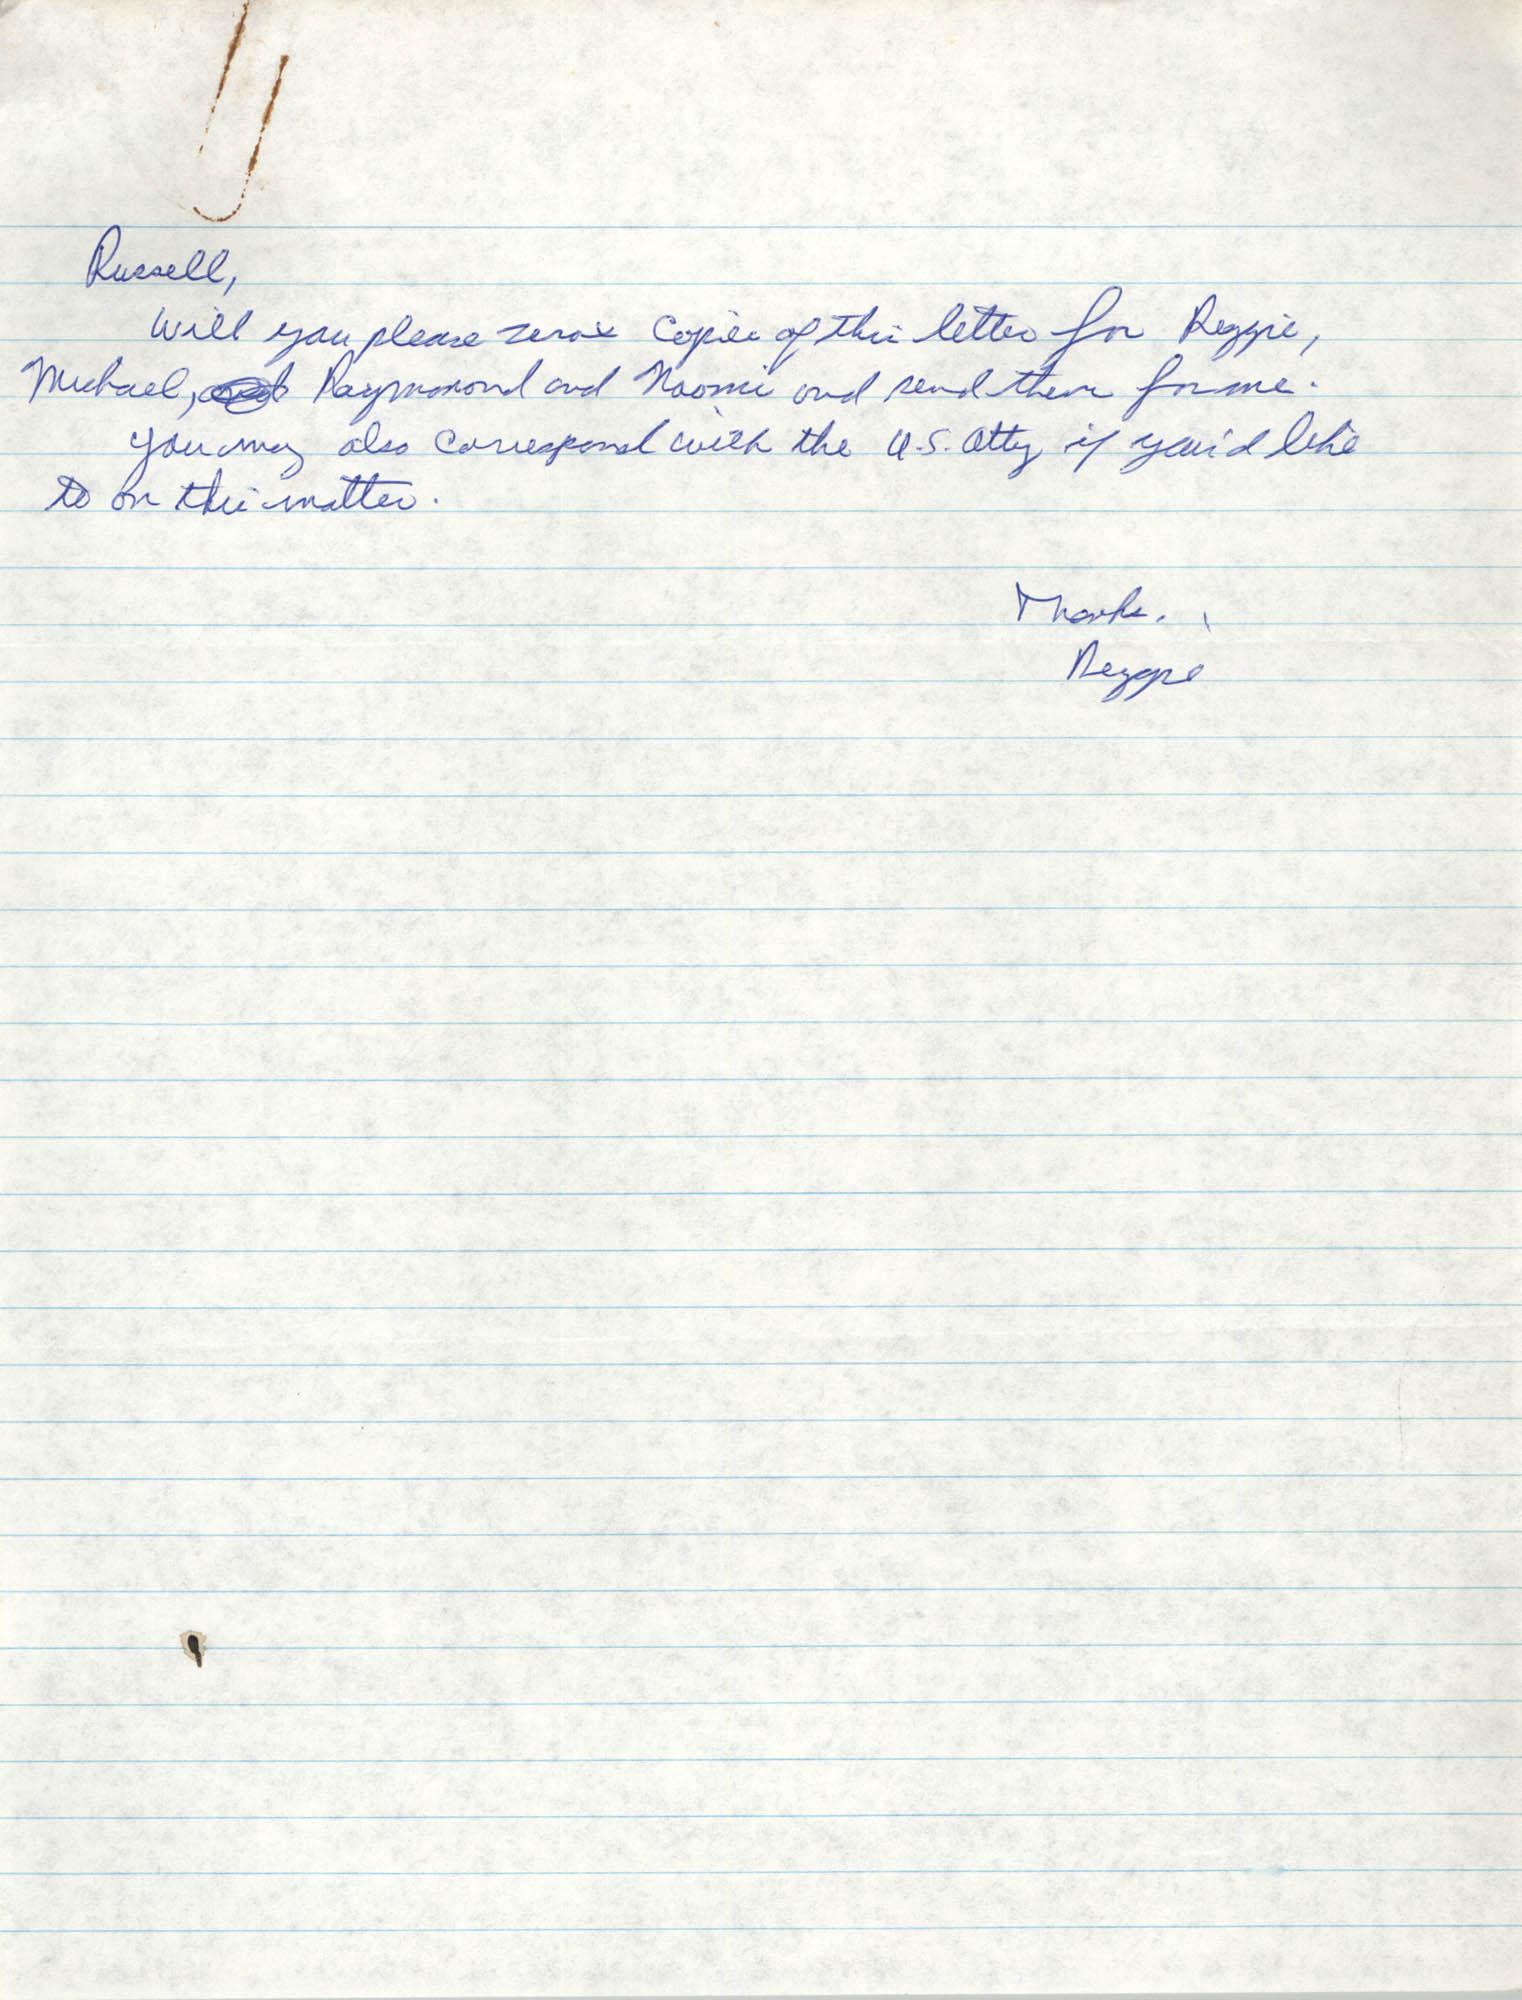 Handwritten letter from Reginald C. Barrett Jr. to Russell Brown